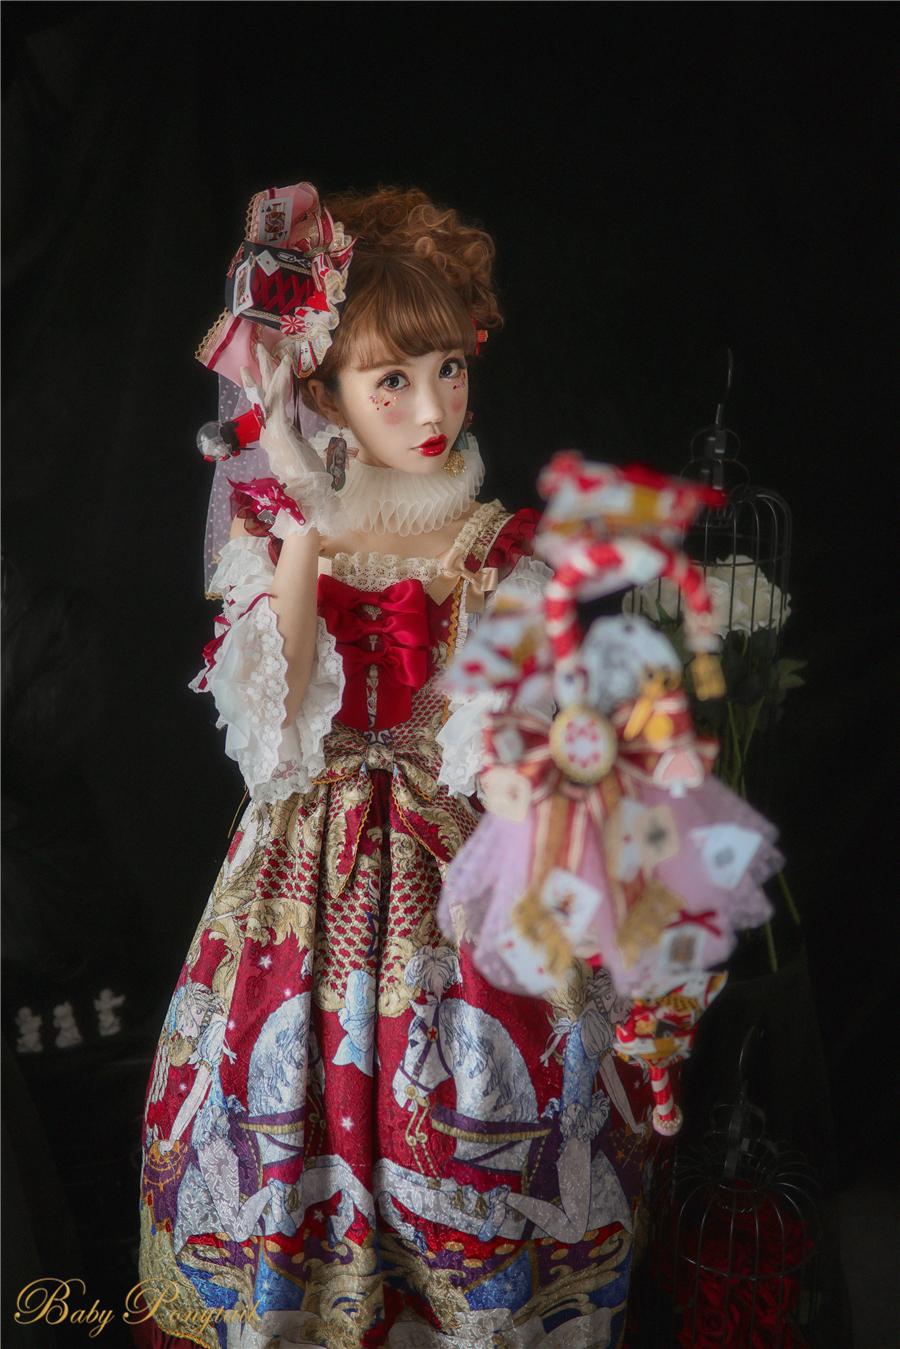 Baby Ponytail_Circus Princess_Red JSK_Kaka_10.jpg